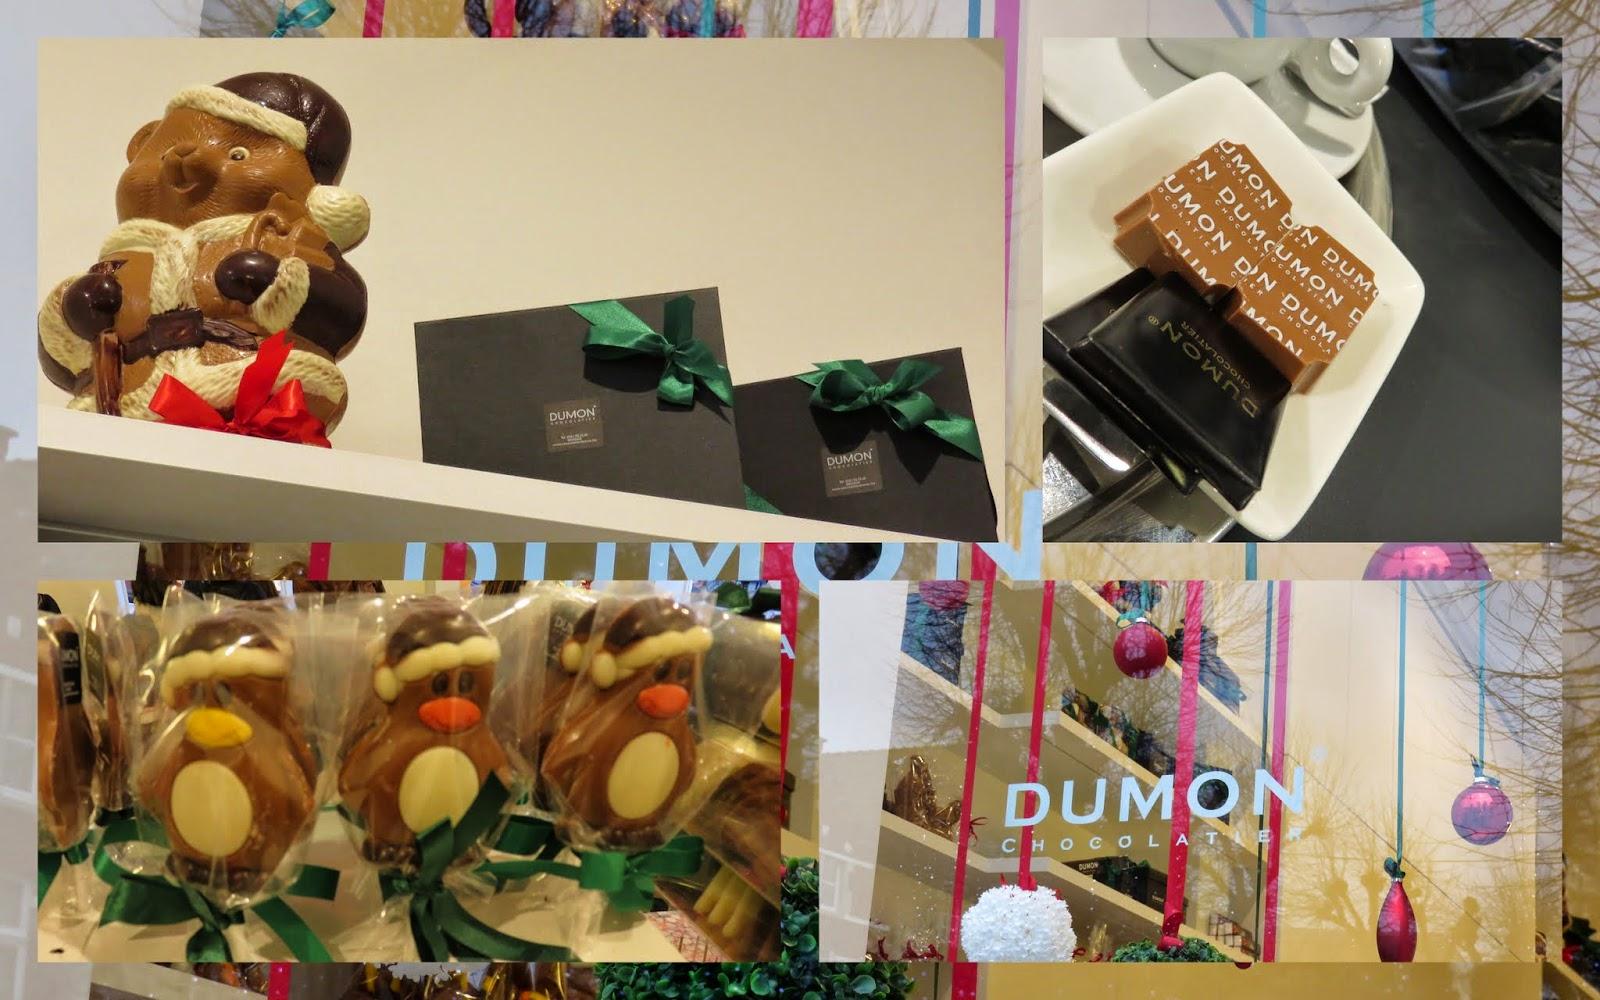 Chocolates at Dumon in Bruges